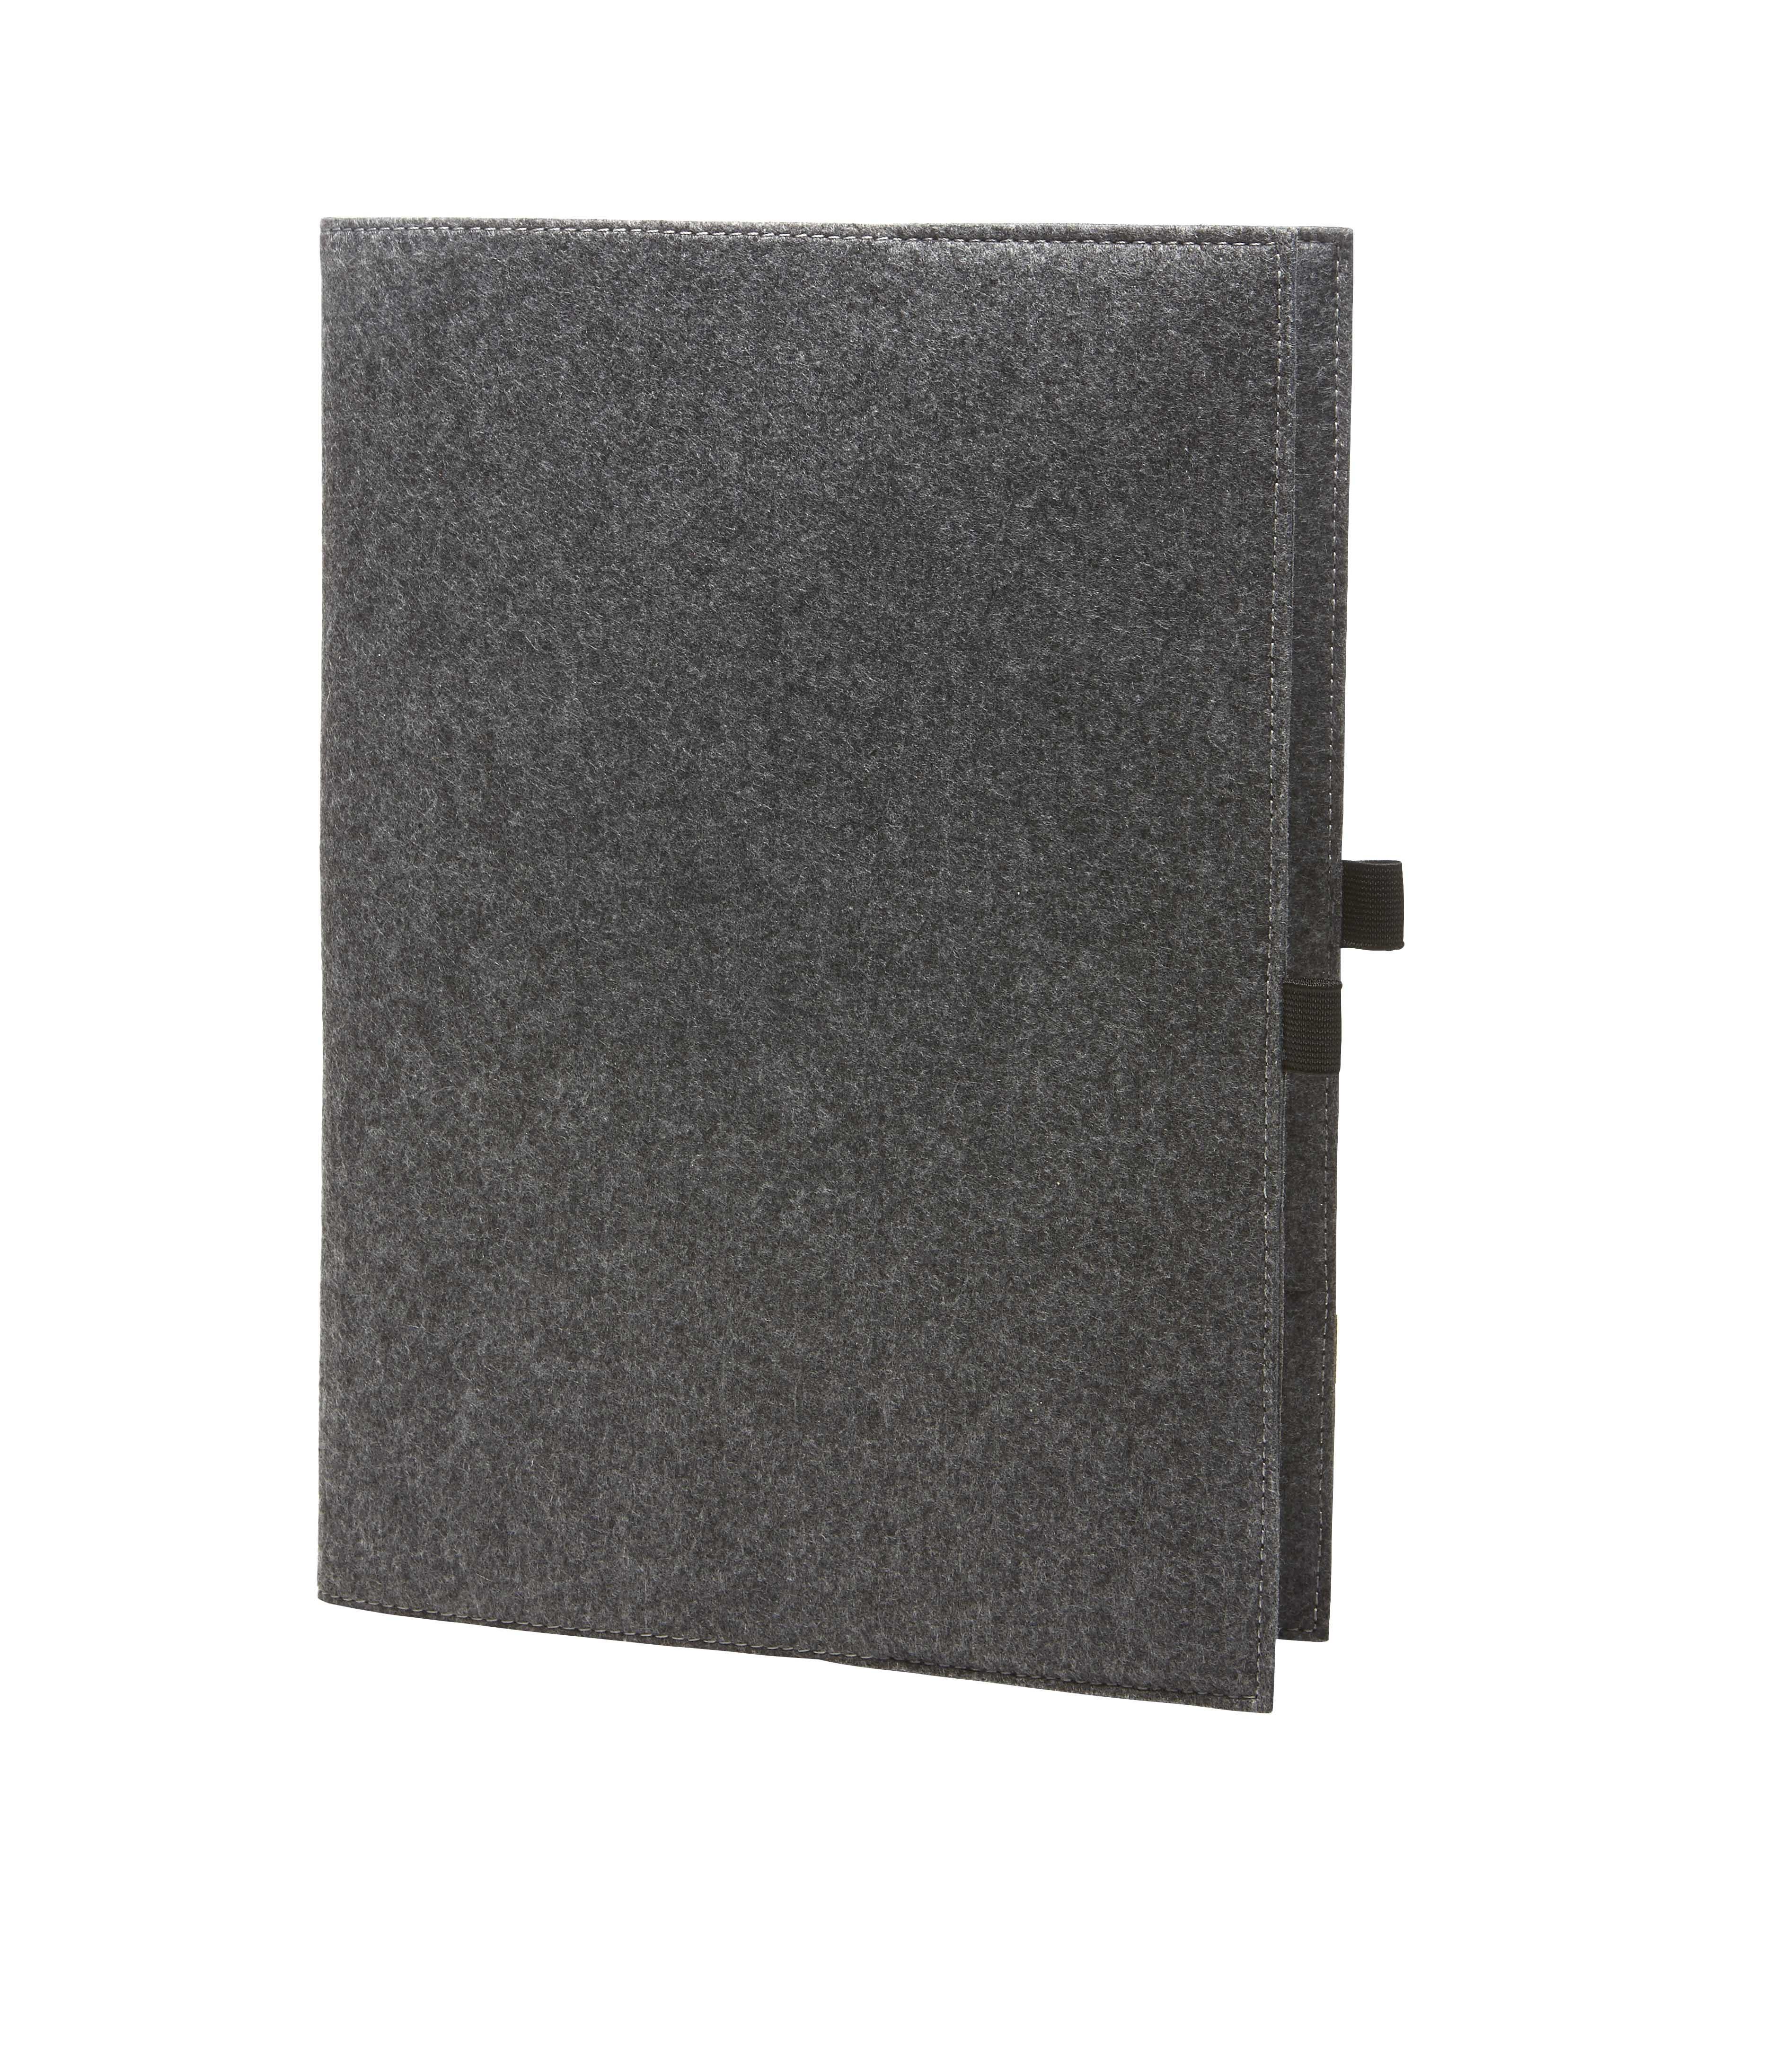 Schreibmappe Economy für DIN-A4 Papiere aus Filz mit Aufdruck